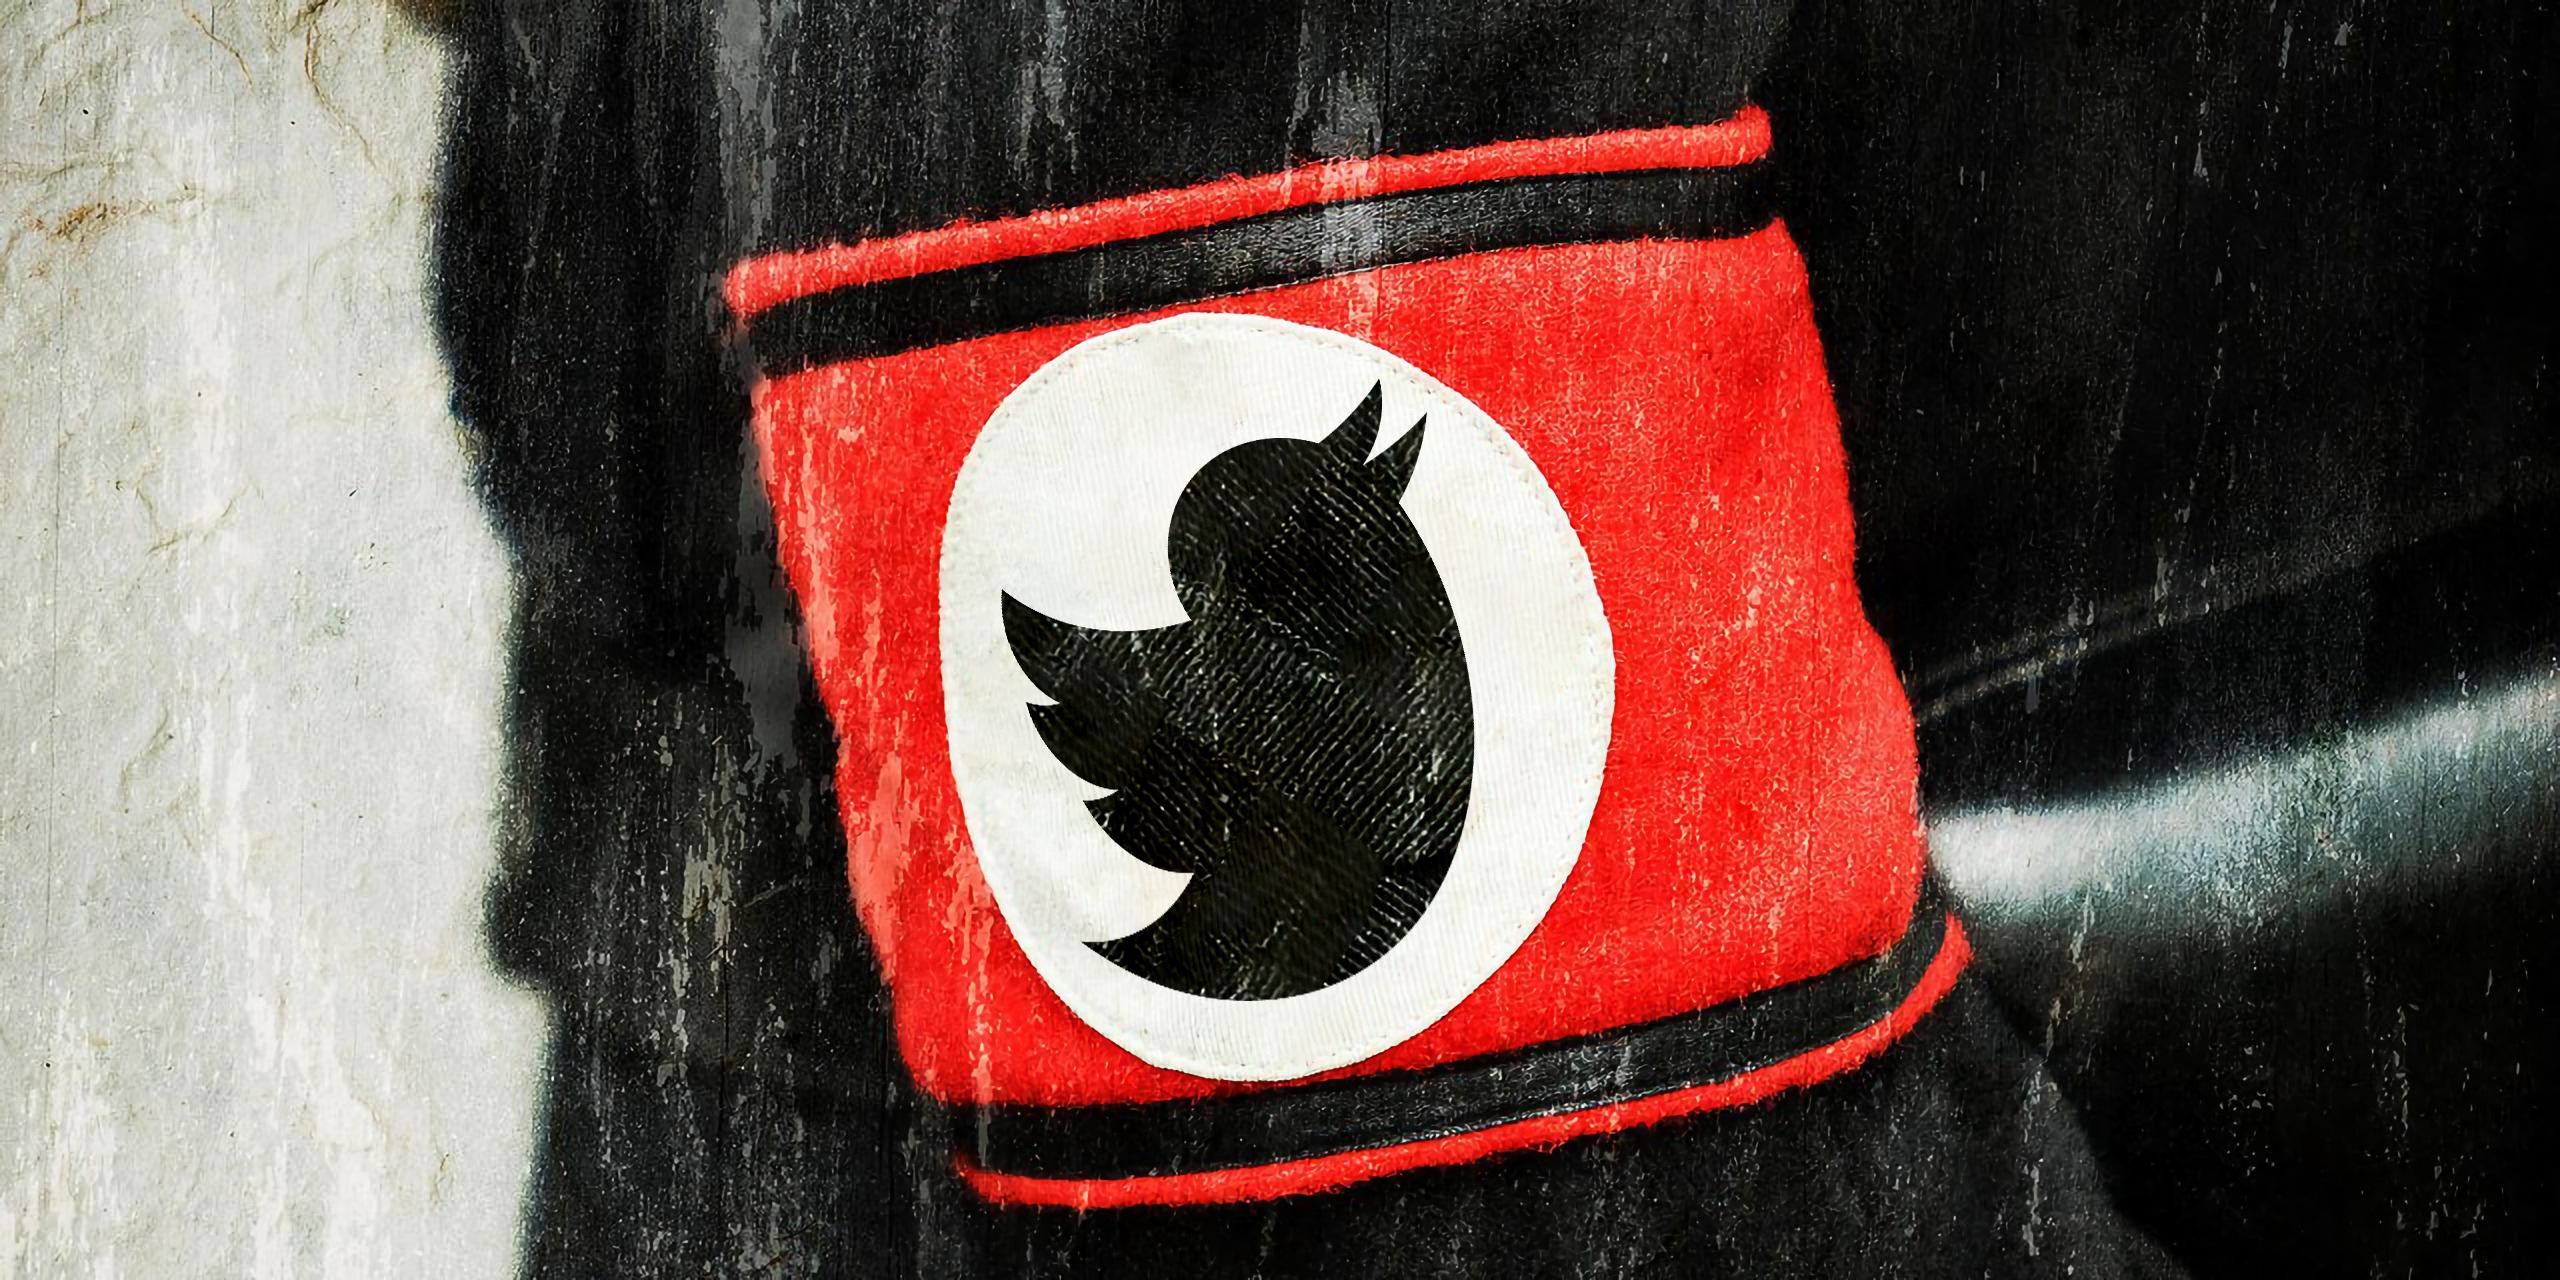 Птичий фашизм (Tweet fascism). - Изображение 1